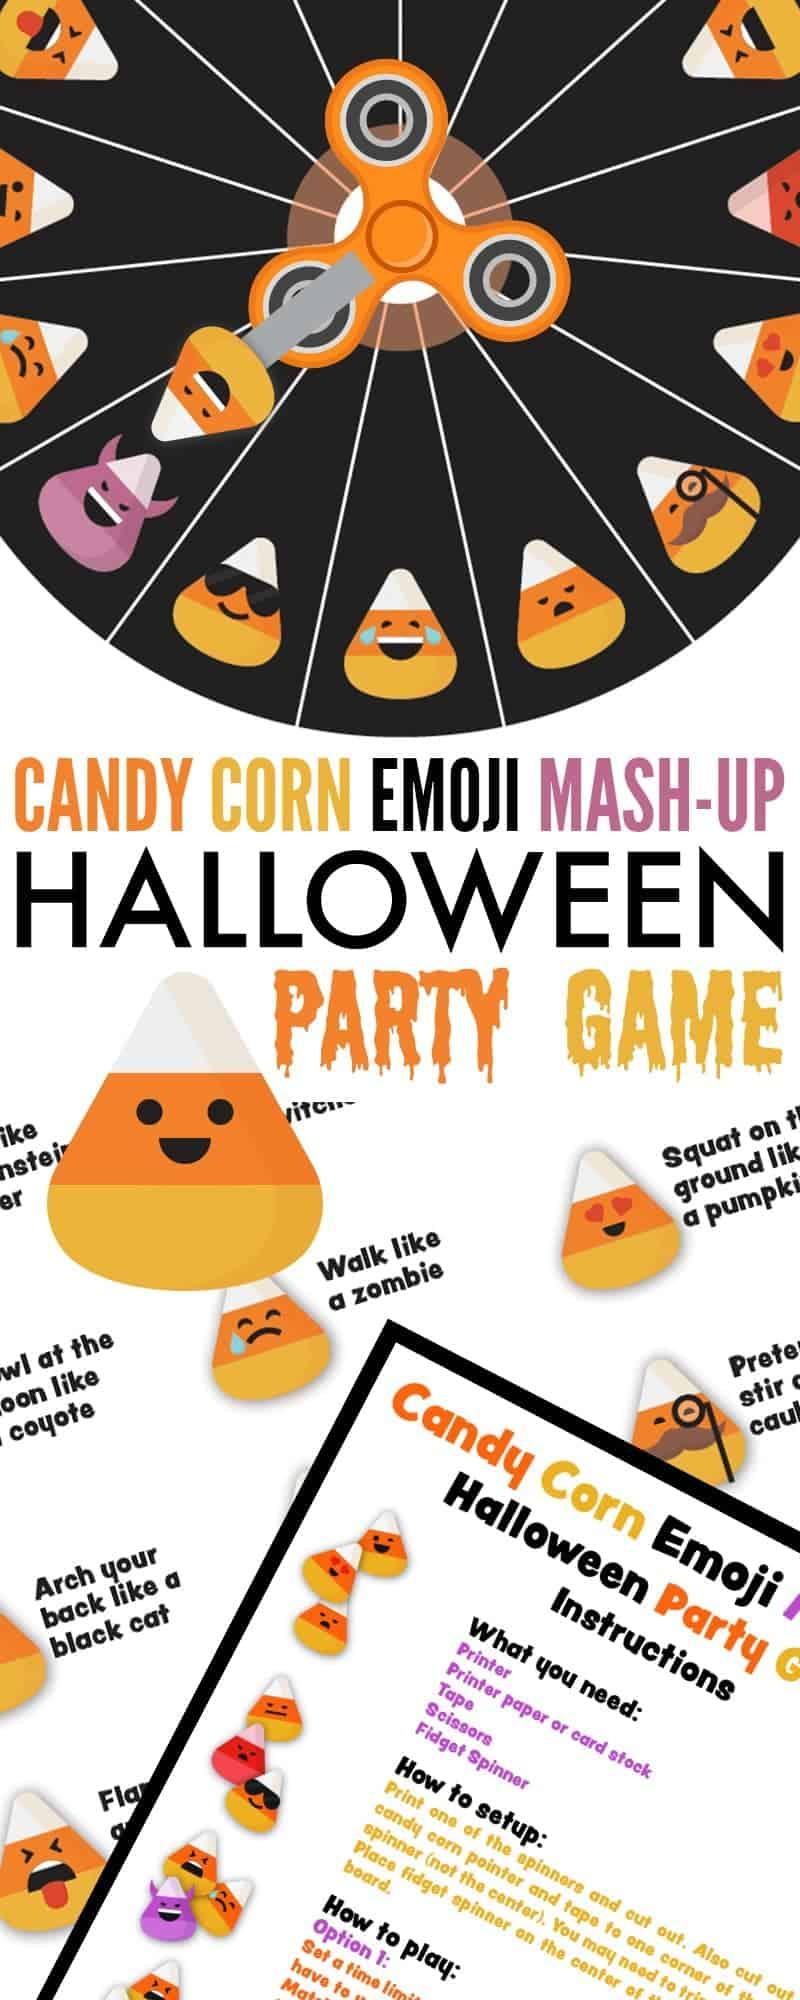 Candy Corn Emoji Mash-Up Halloween Party Game #halloweenpartygamesforkids